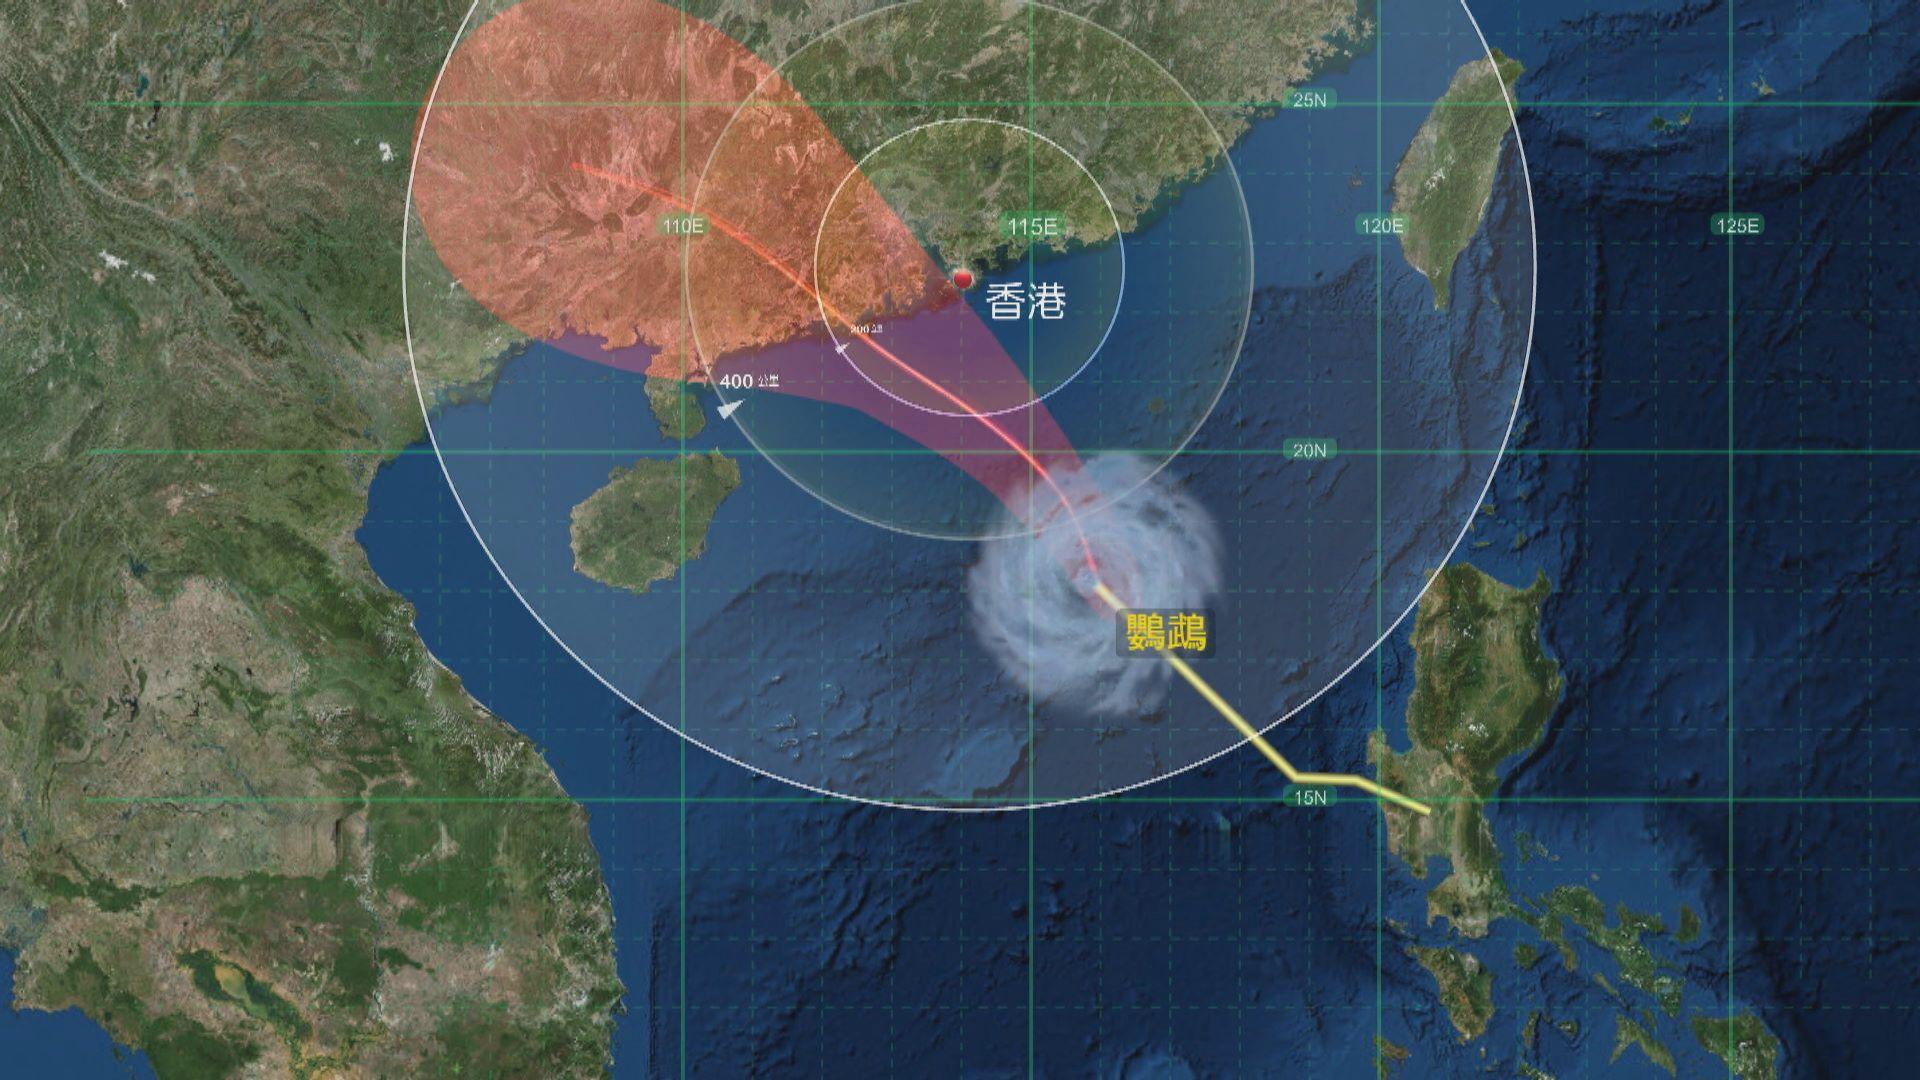 天文台短期內改發三號強風信號 料下午風勢逐漸增強